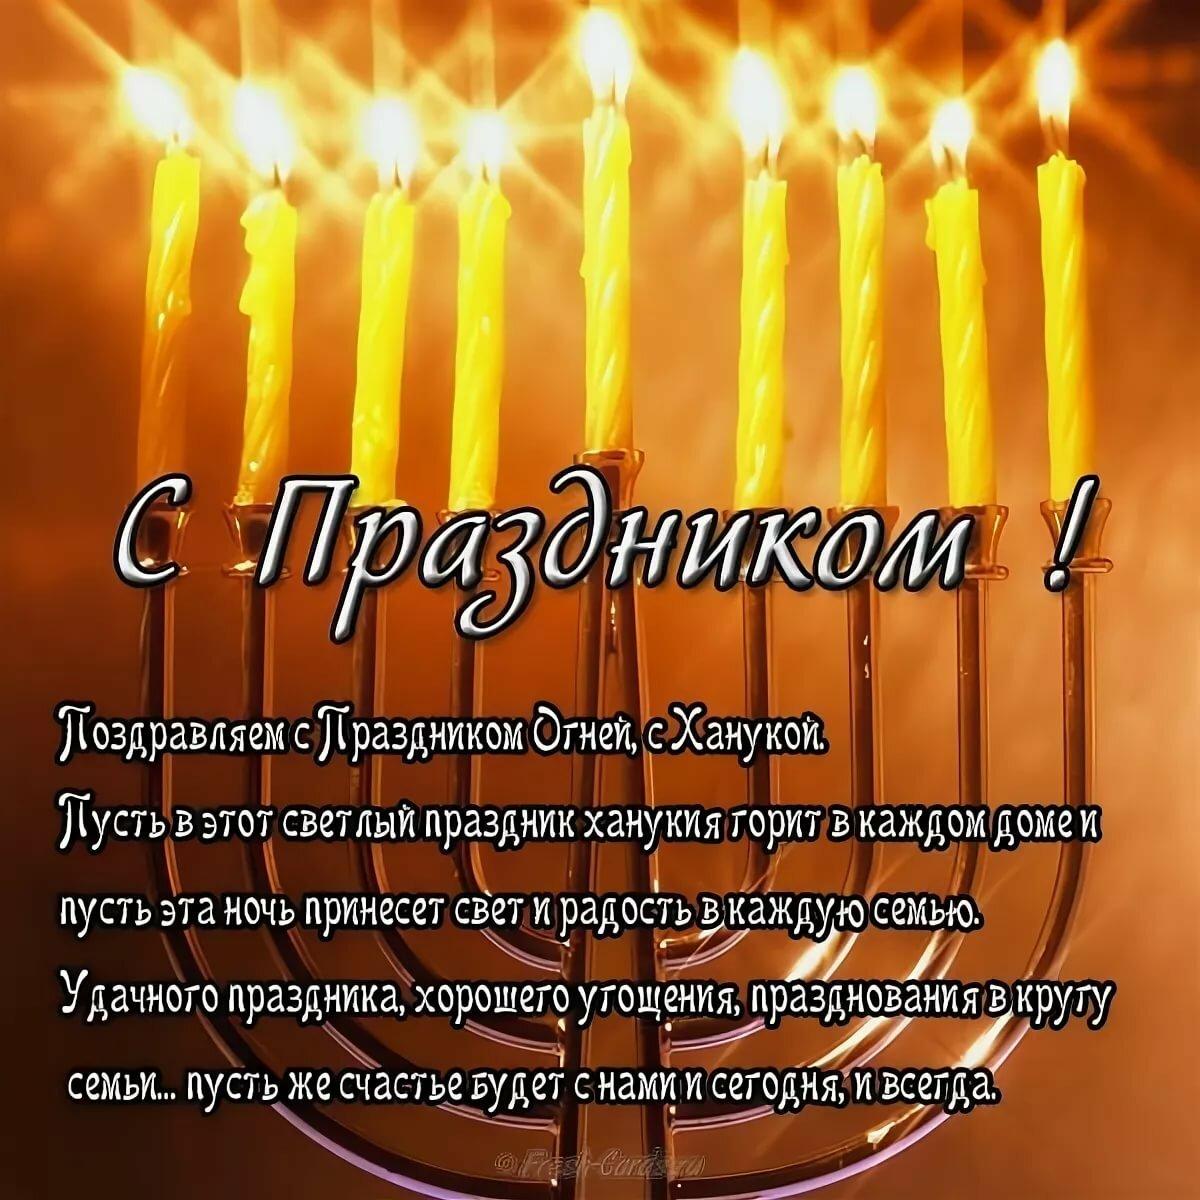 сербский праздник слава открытки и поздравления сказал